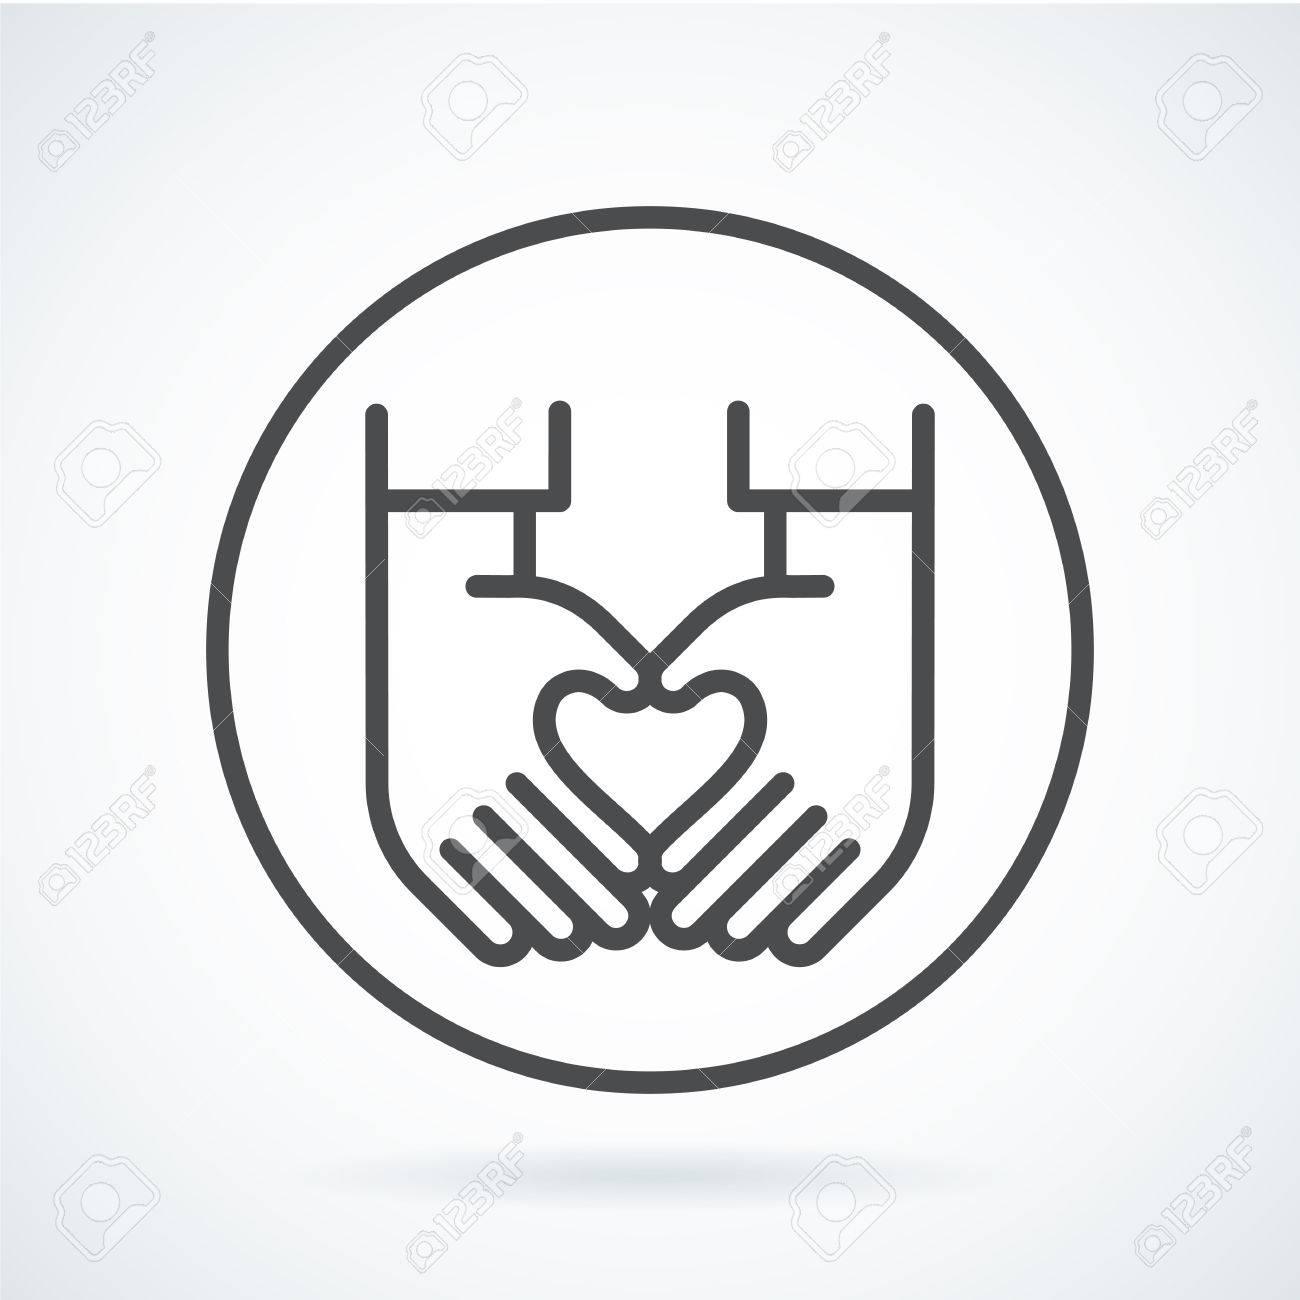 Dessin Au Trait Noir Plat Simple Icône Style Symbole De Contour Avec L Image Stylisée D Une Main De Geste D Un Coeur Humain Dans La Circonférence